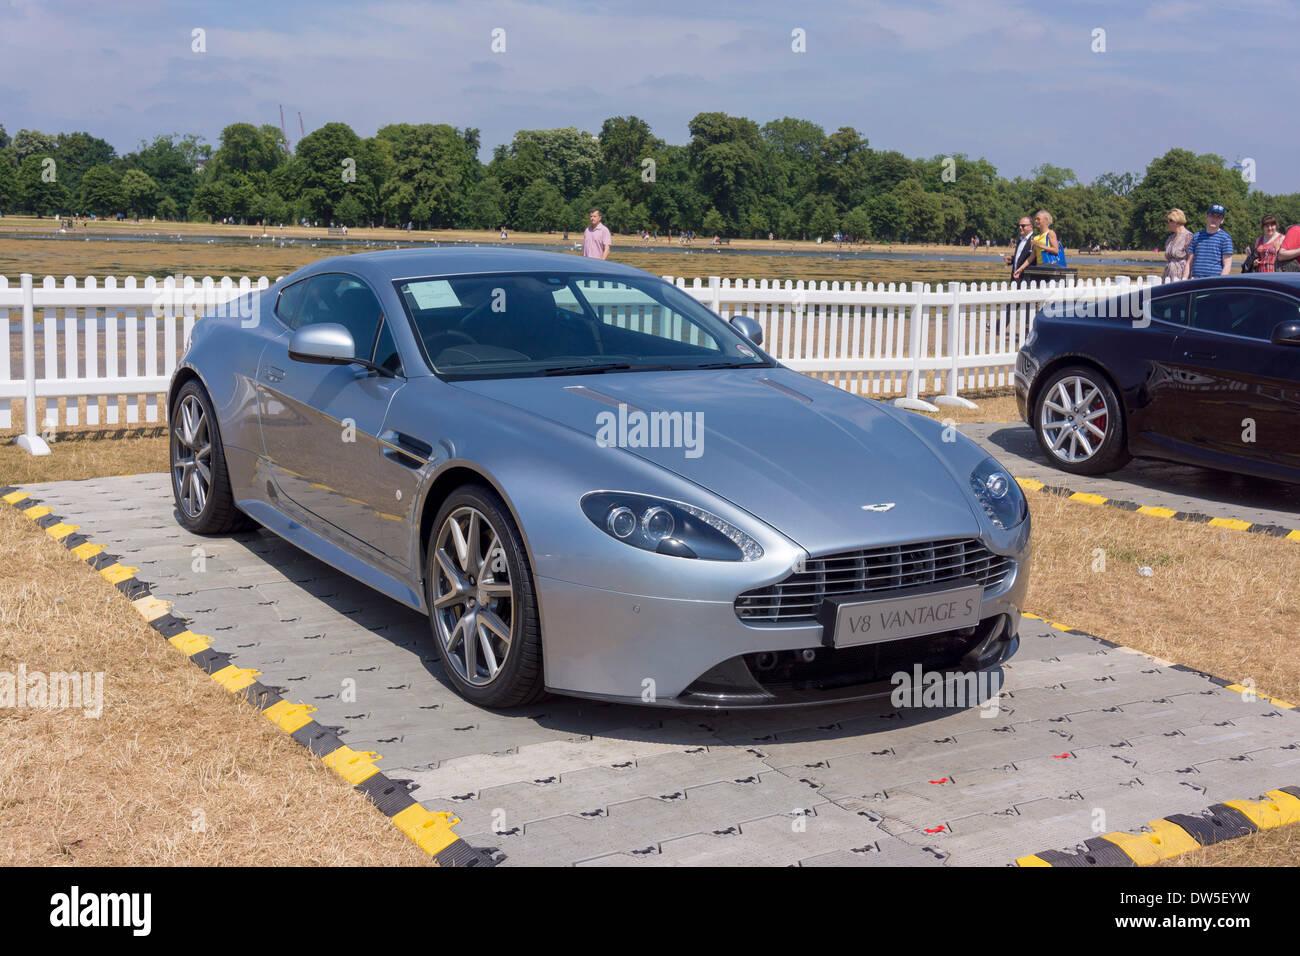 2011 Aston Martin V8 Vantage Stockfotos Und Bilder Kaufen Alamy